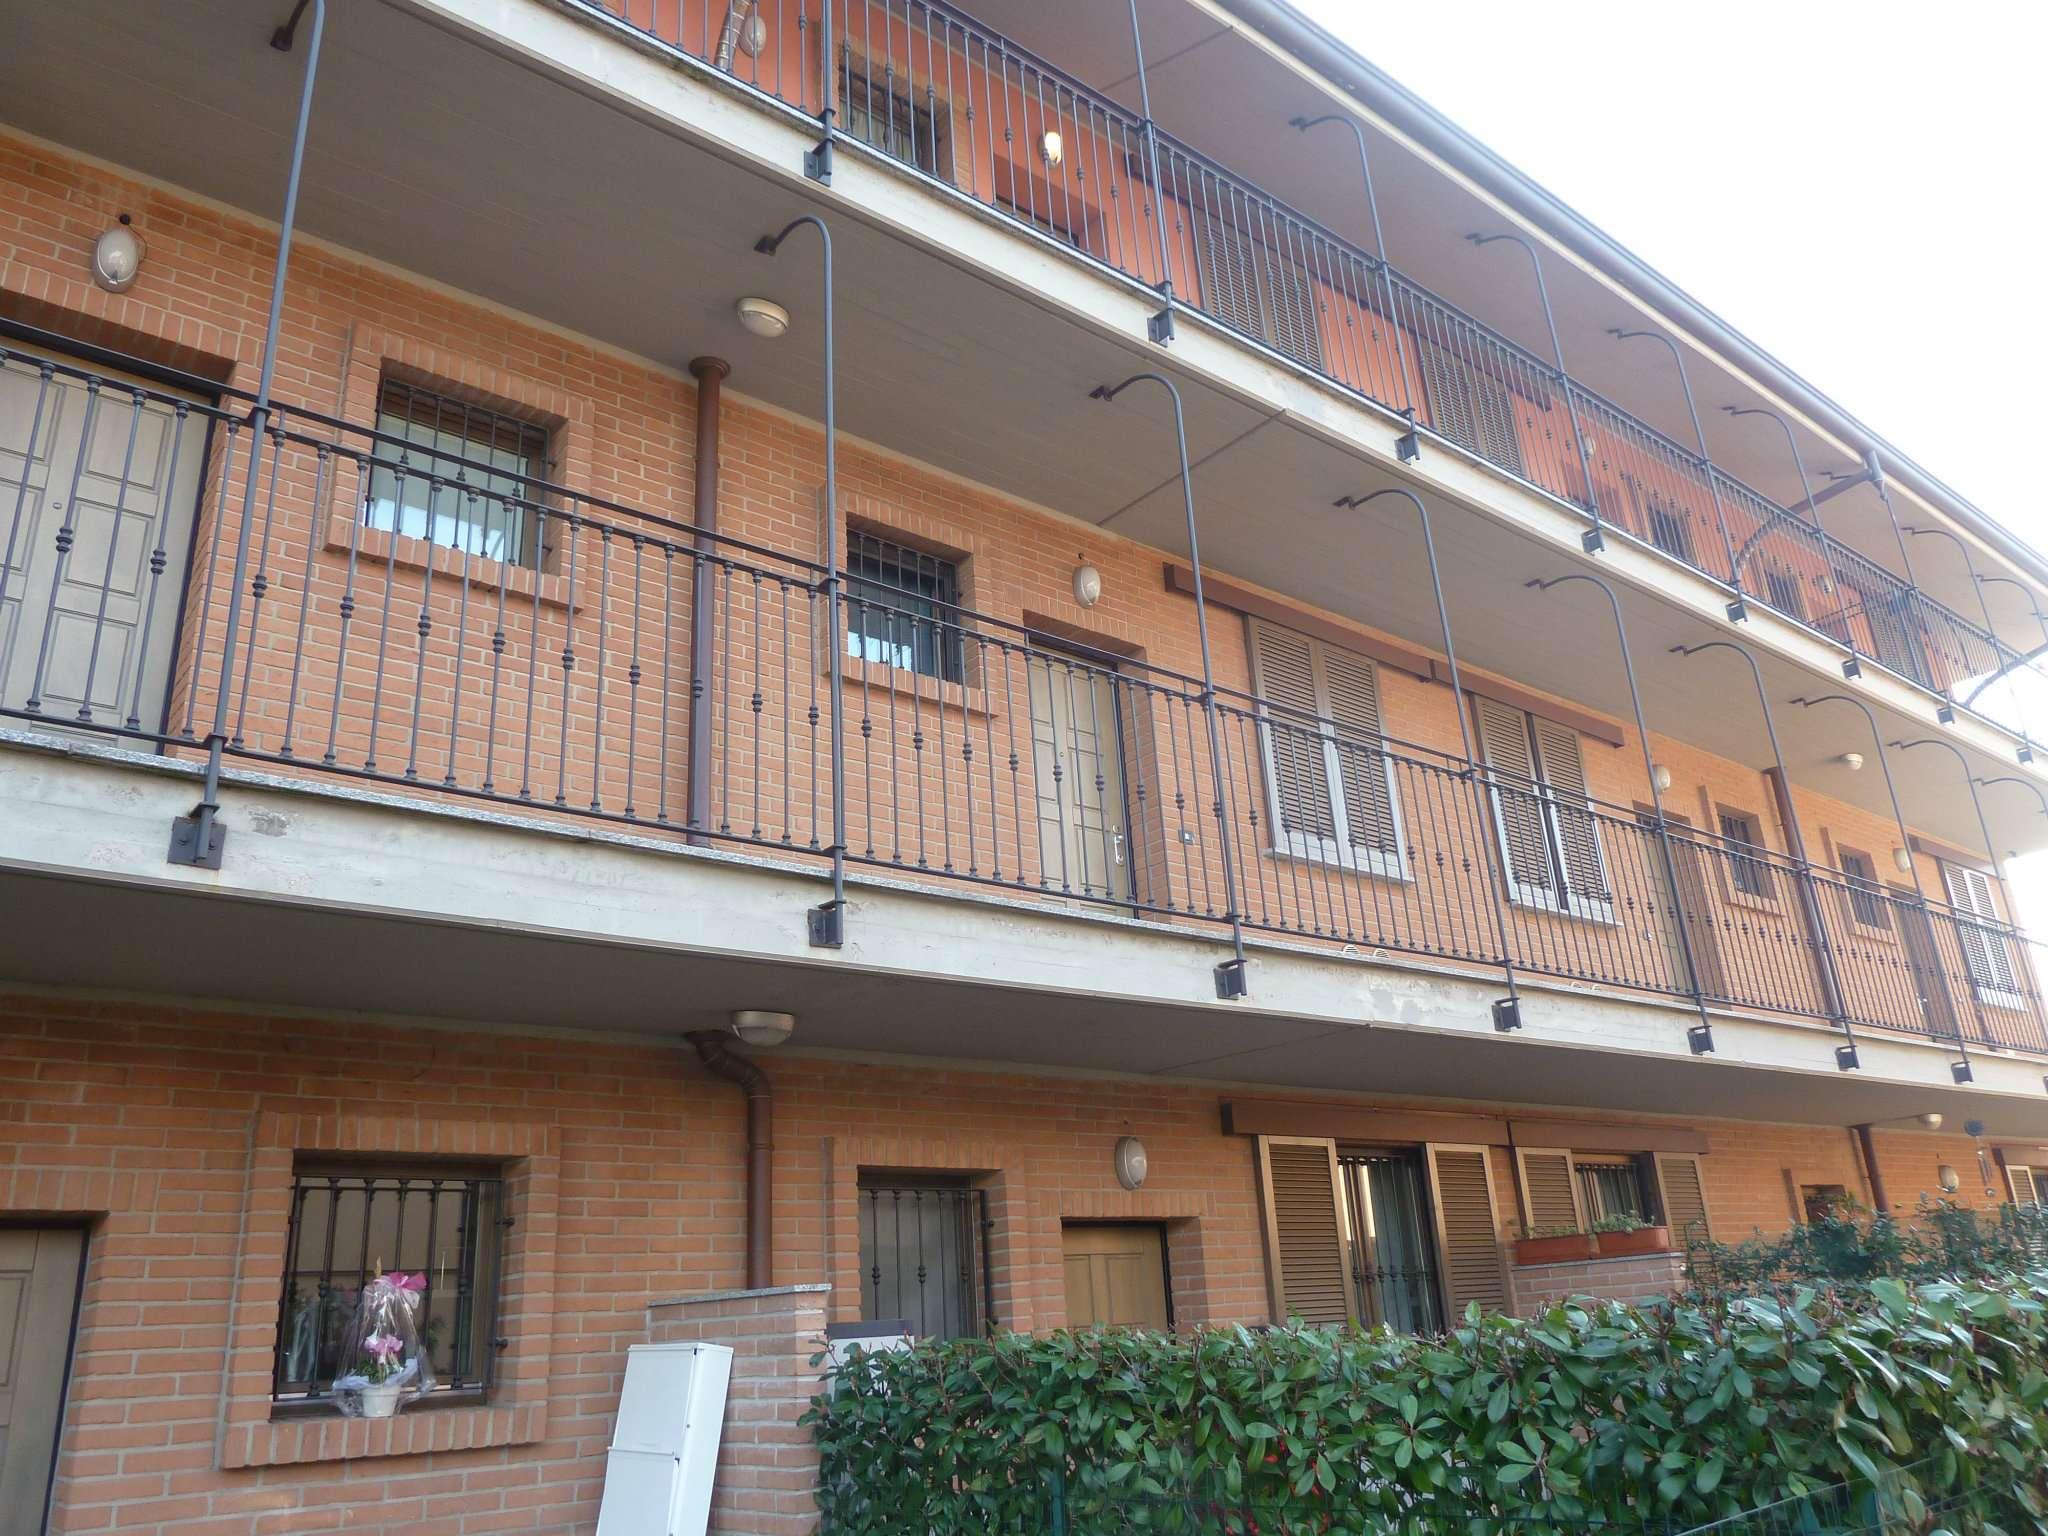 Ufficio / Studio in vendita a Saronno, 2 locali, prezzo € 90.000 | CambioCasa.it